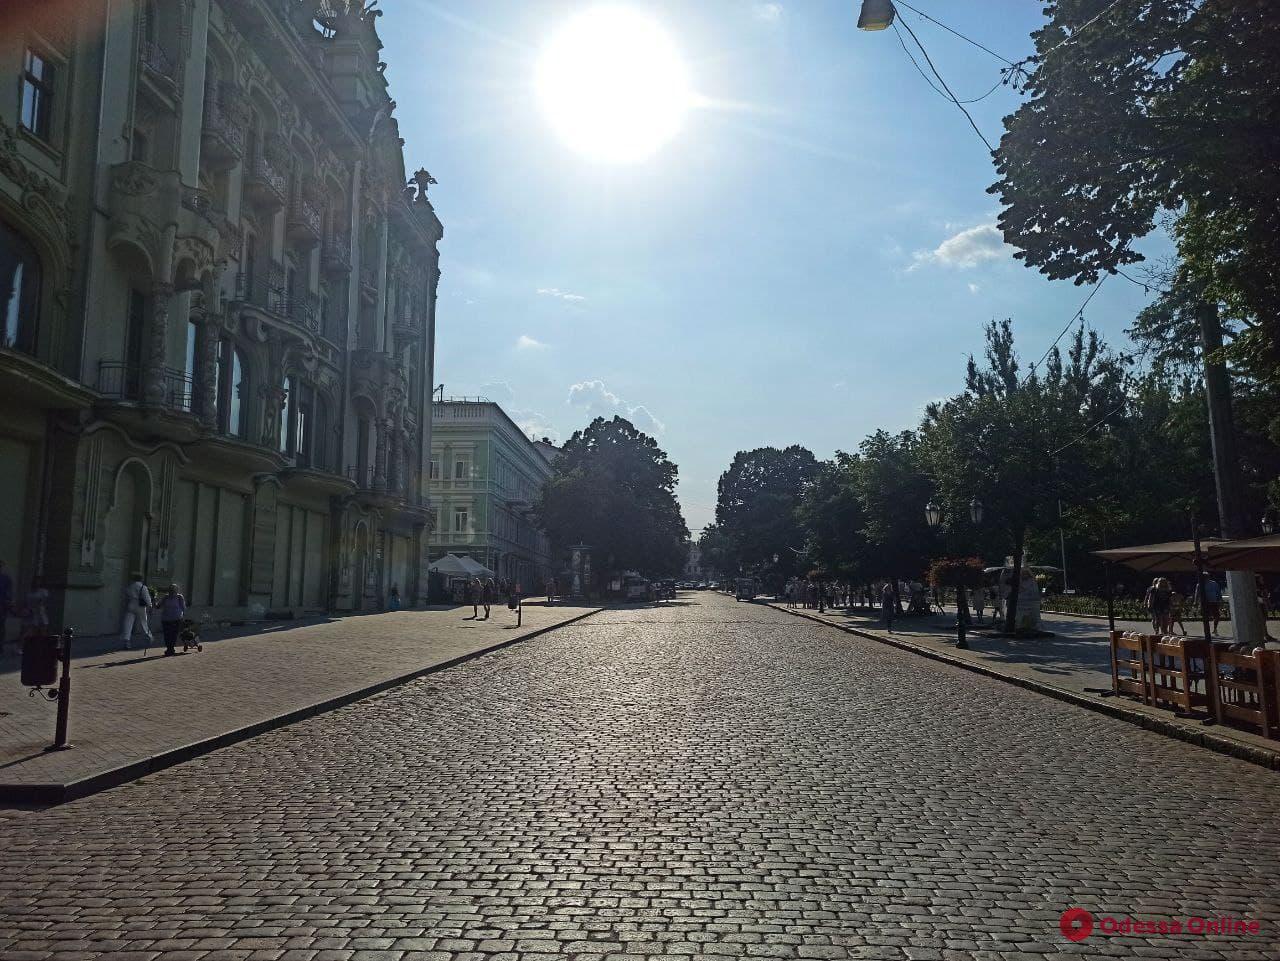 Синоптики дали прогноз погоды в Одессе на 11 июля